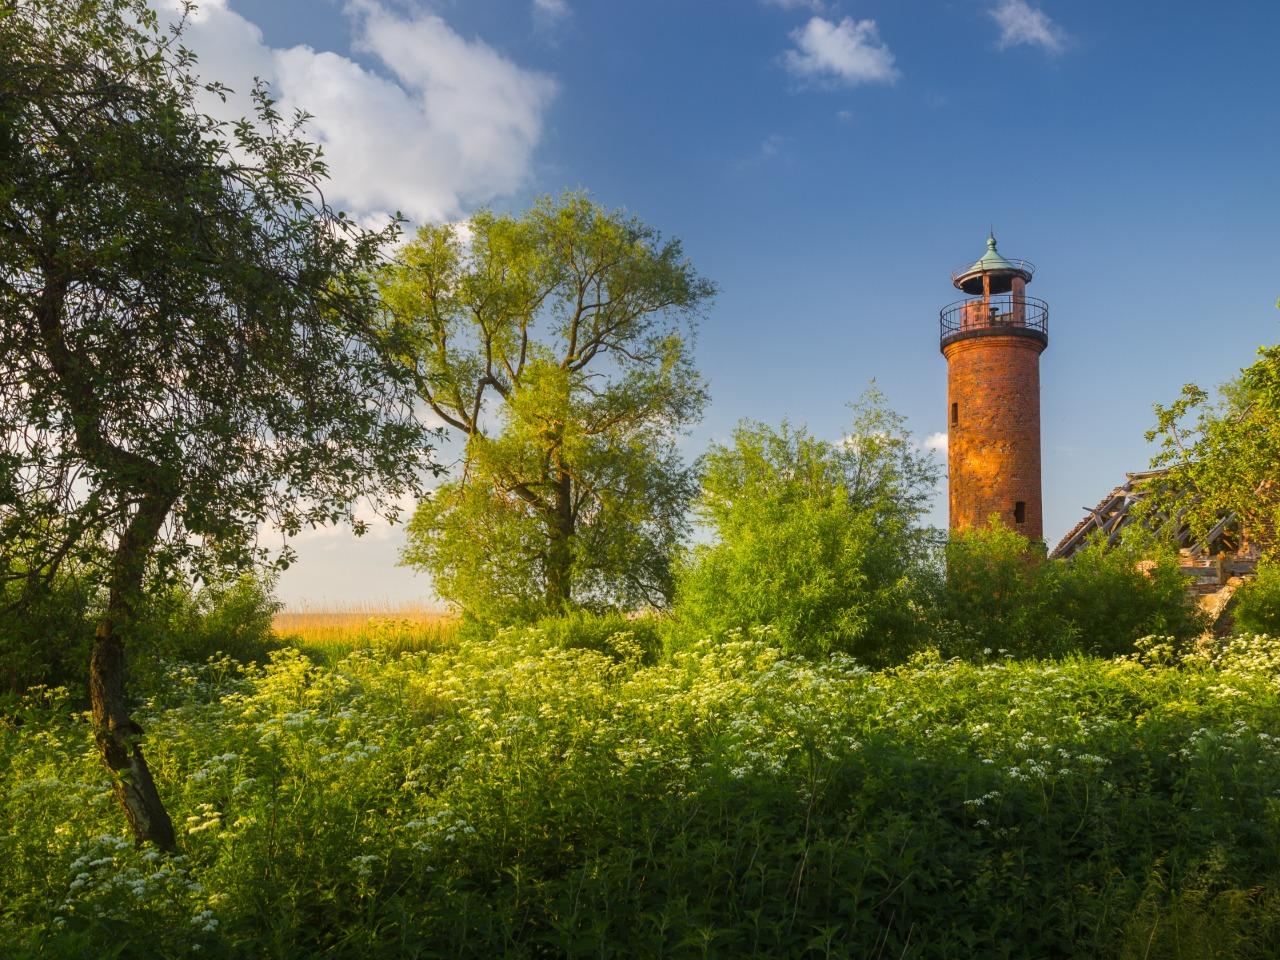 Балтика: легенды и мифы старого маяка - групповая экскурсия в Калининграде от опытного гида